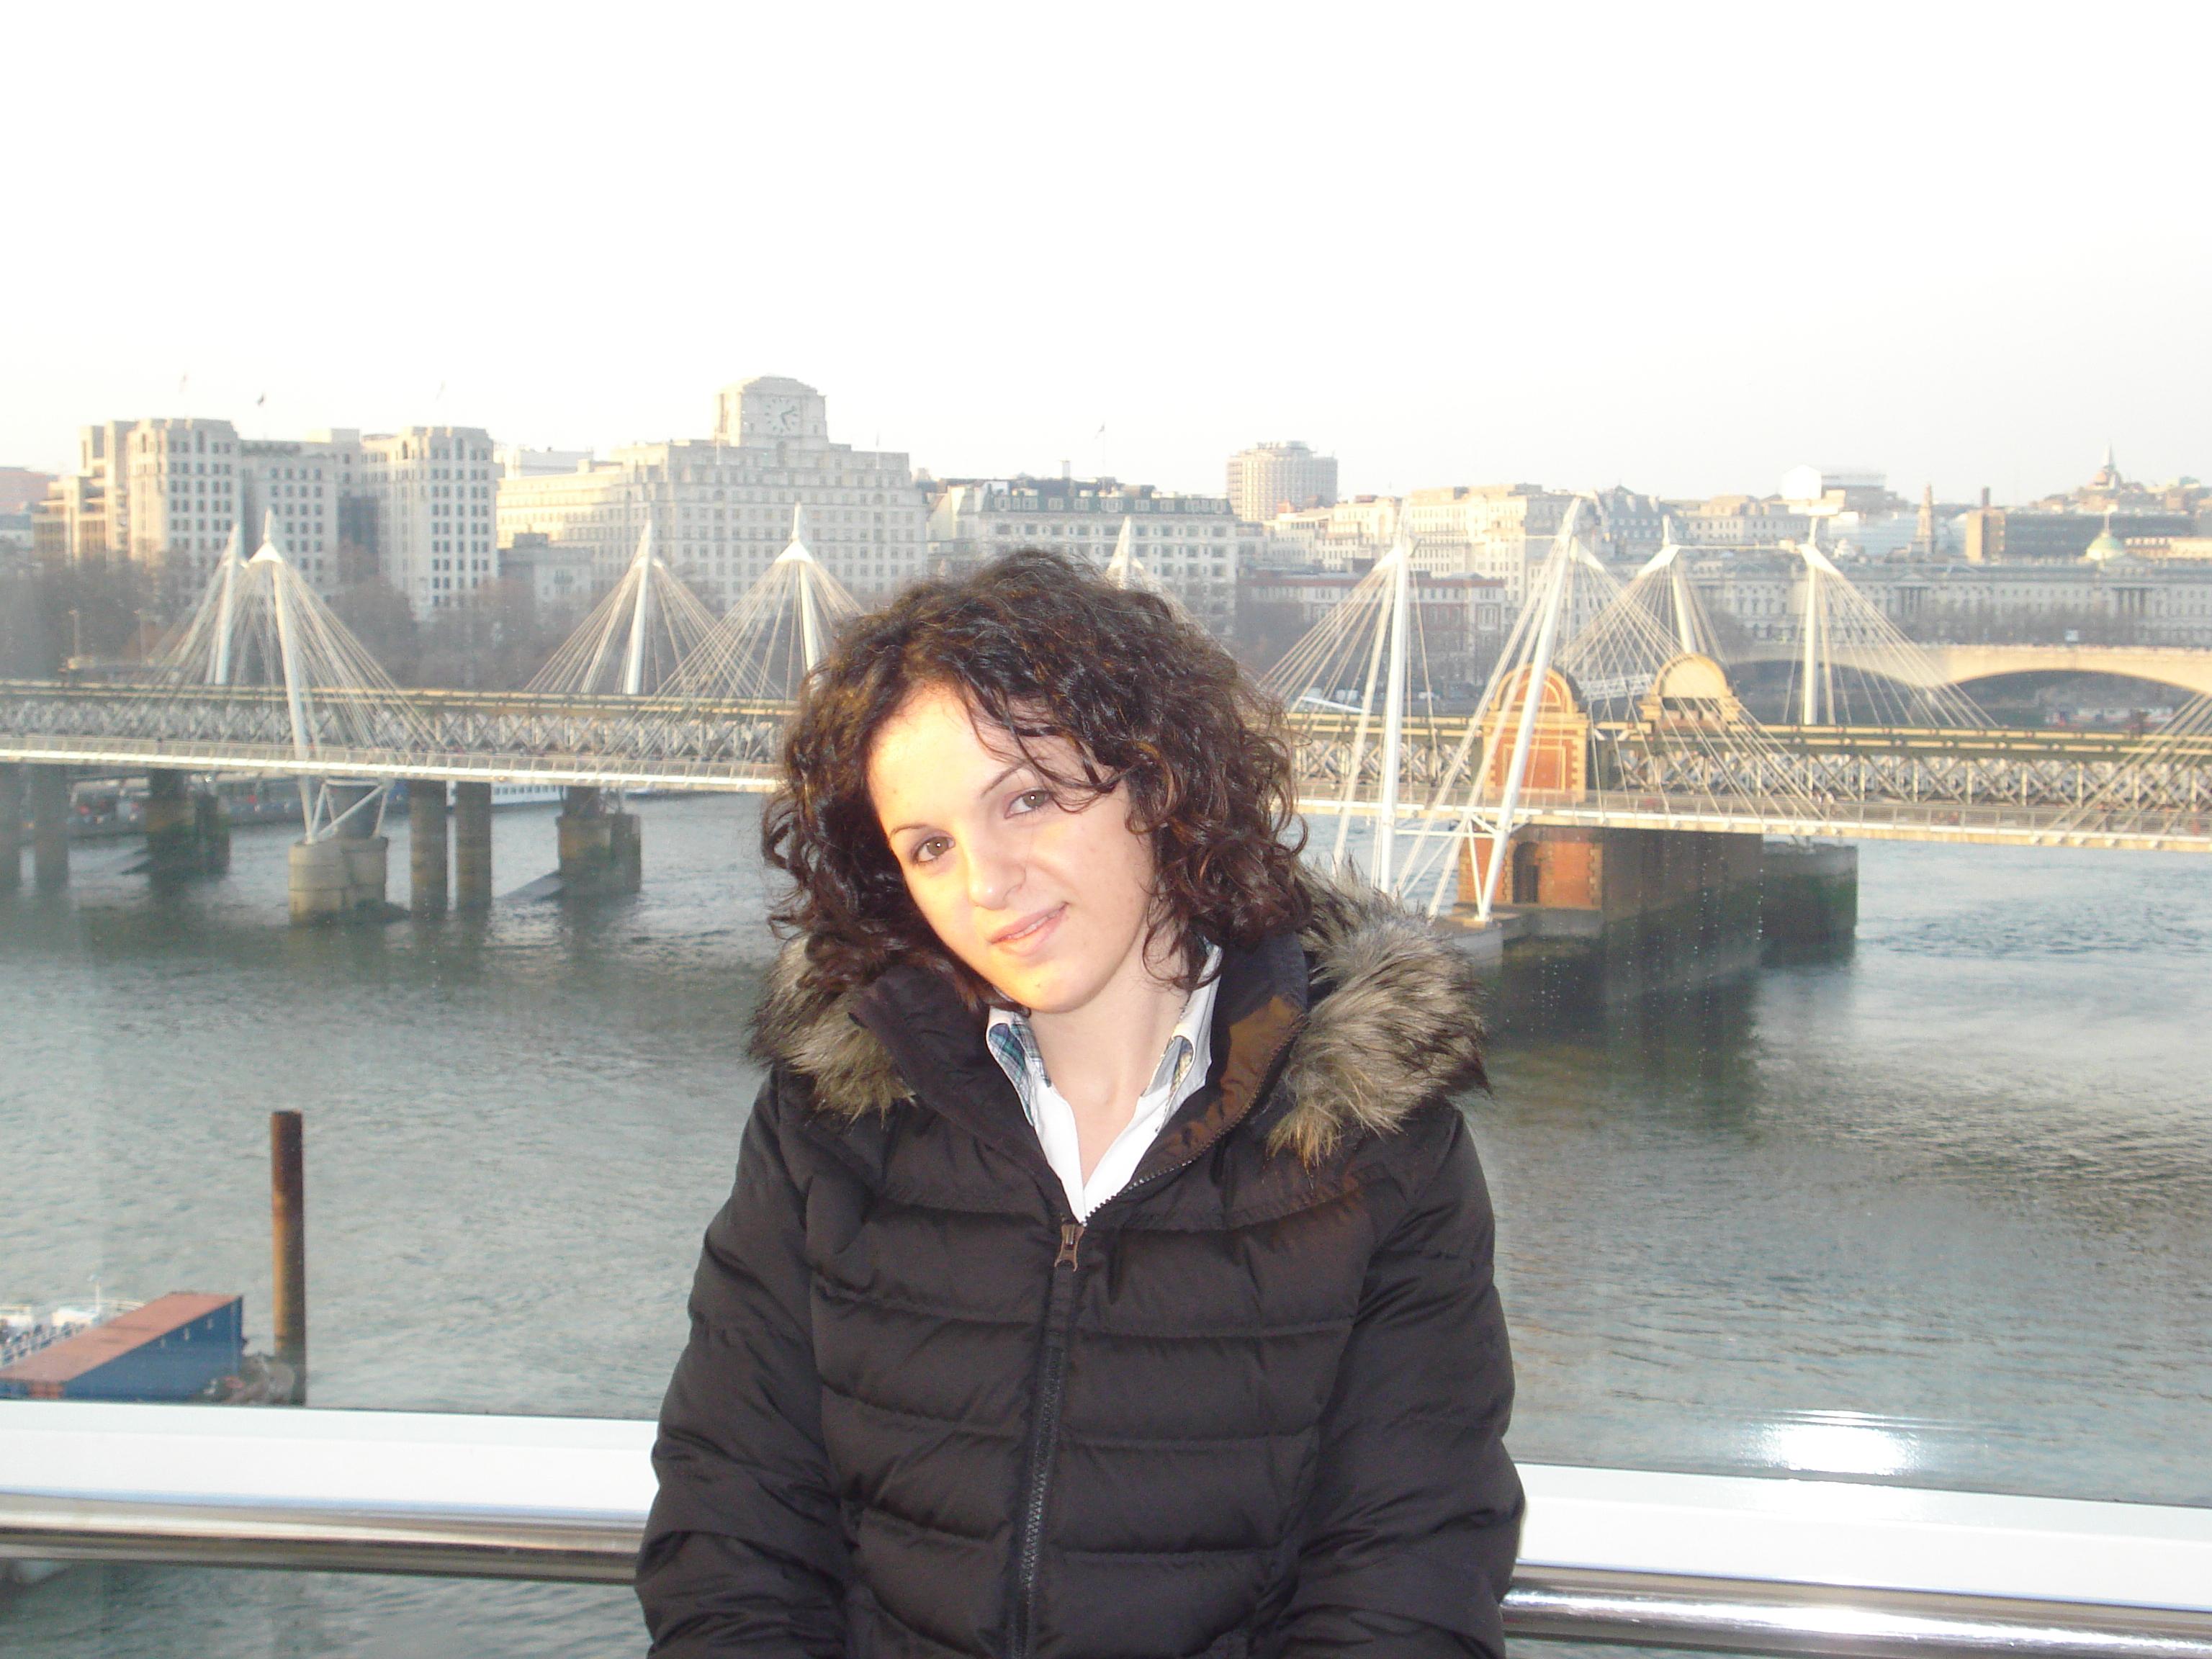 Tiziana Rotondo : Ph.D. Student